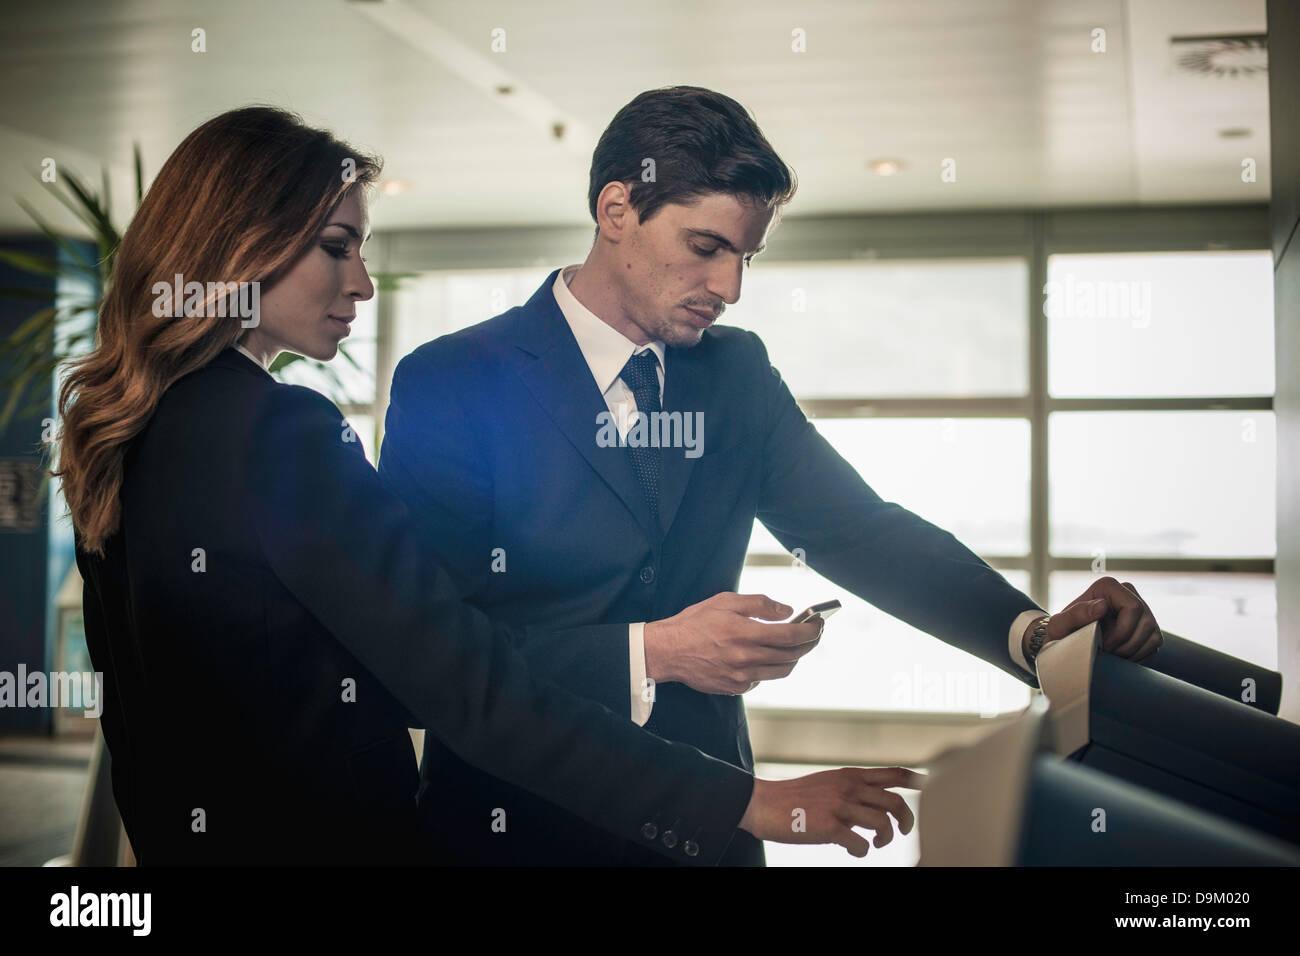 Los empresarios en el área de check-in del aeropuerto Foto de stock